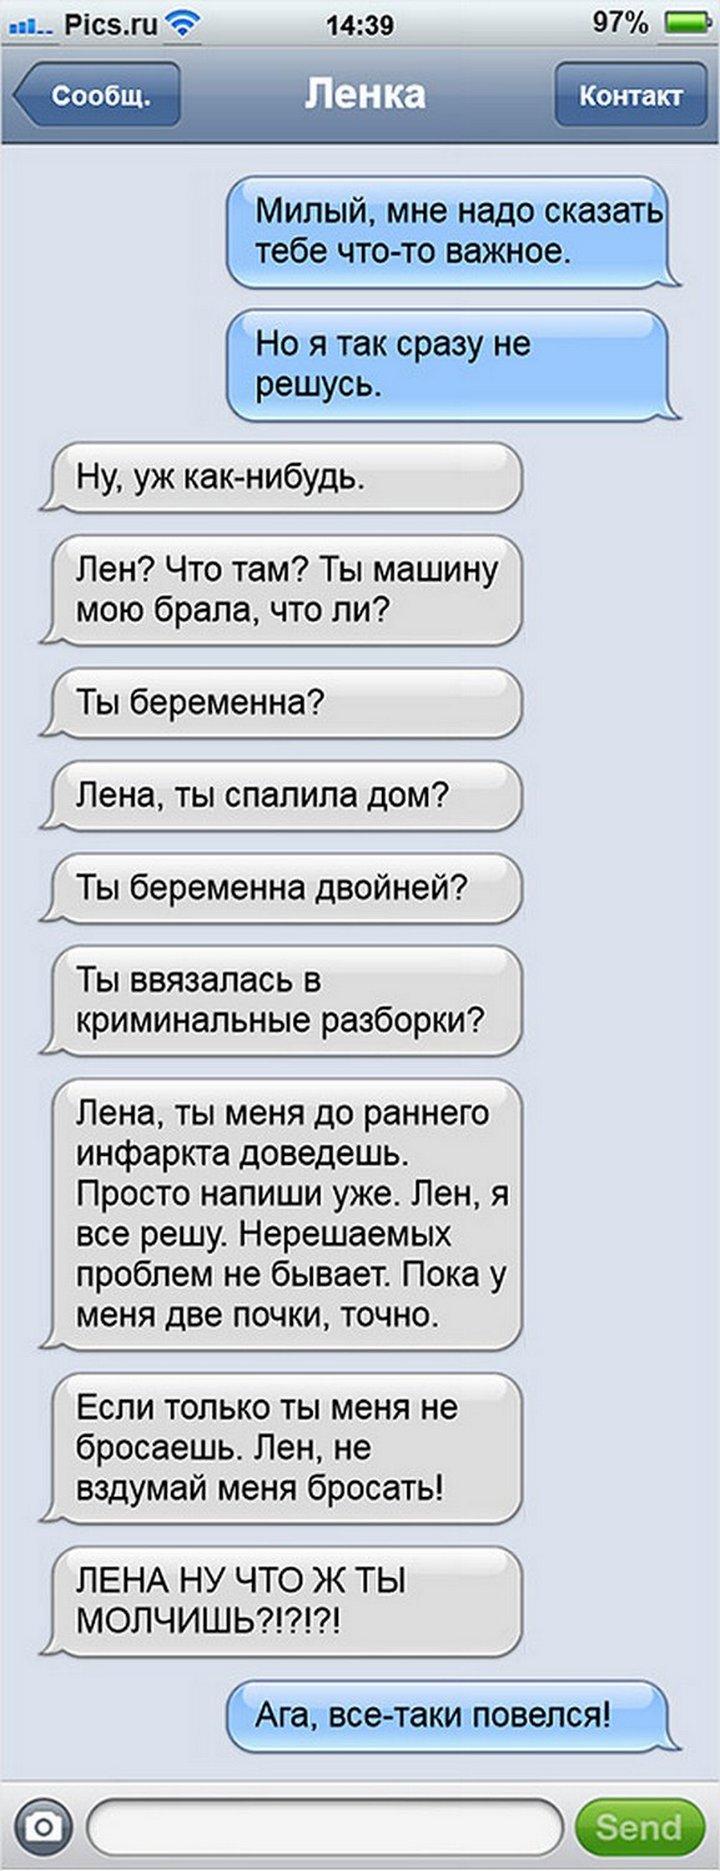 Как сделать так чтобы девушка тебя простила по смс